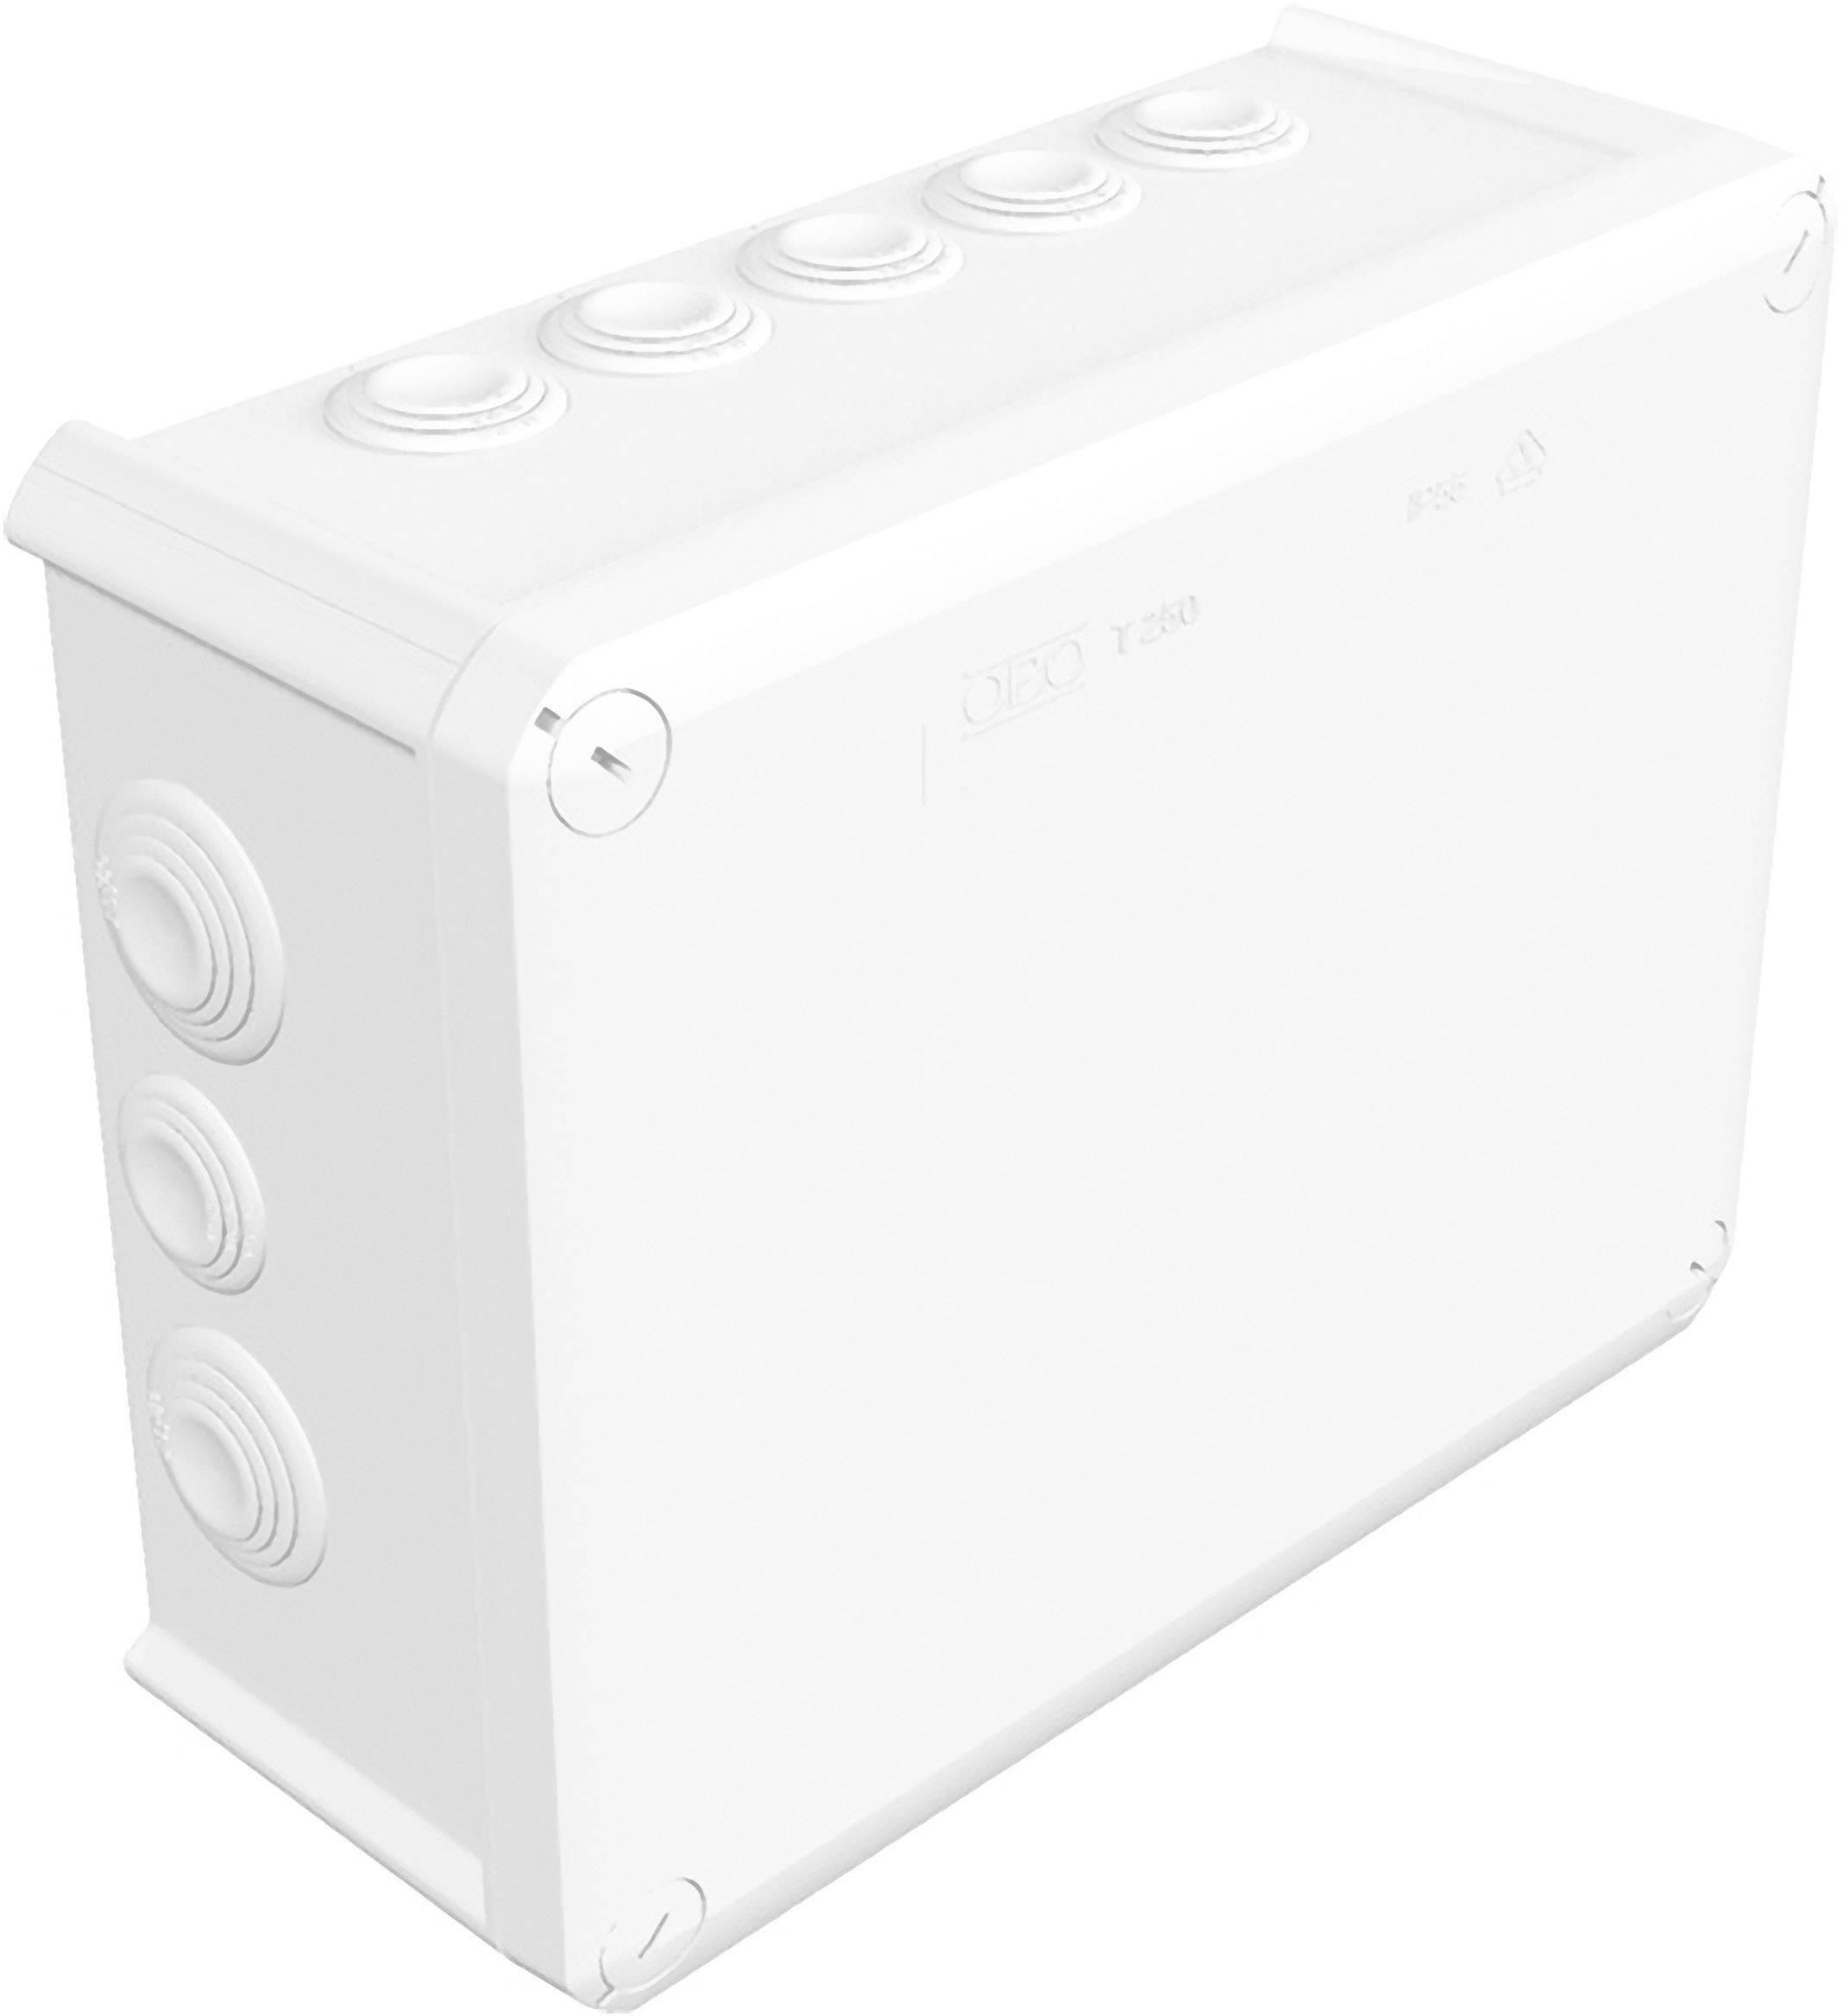 Rozbočovacia krabica OBO Betternann T250, IP66, 240x 190x 95 mm, jasne biela, 2007554